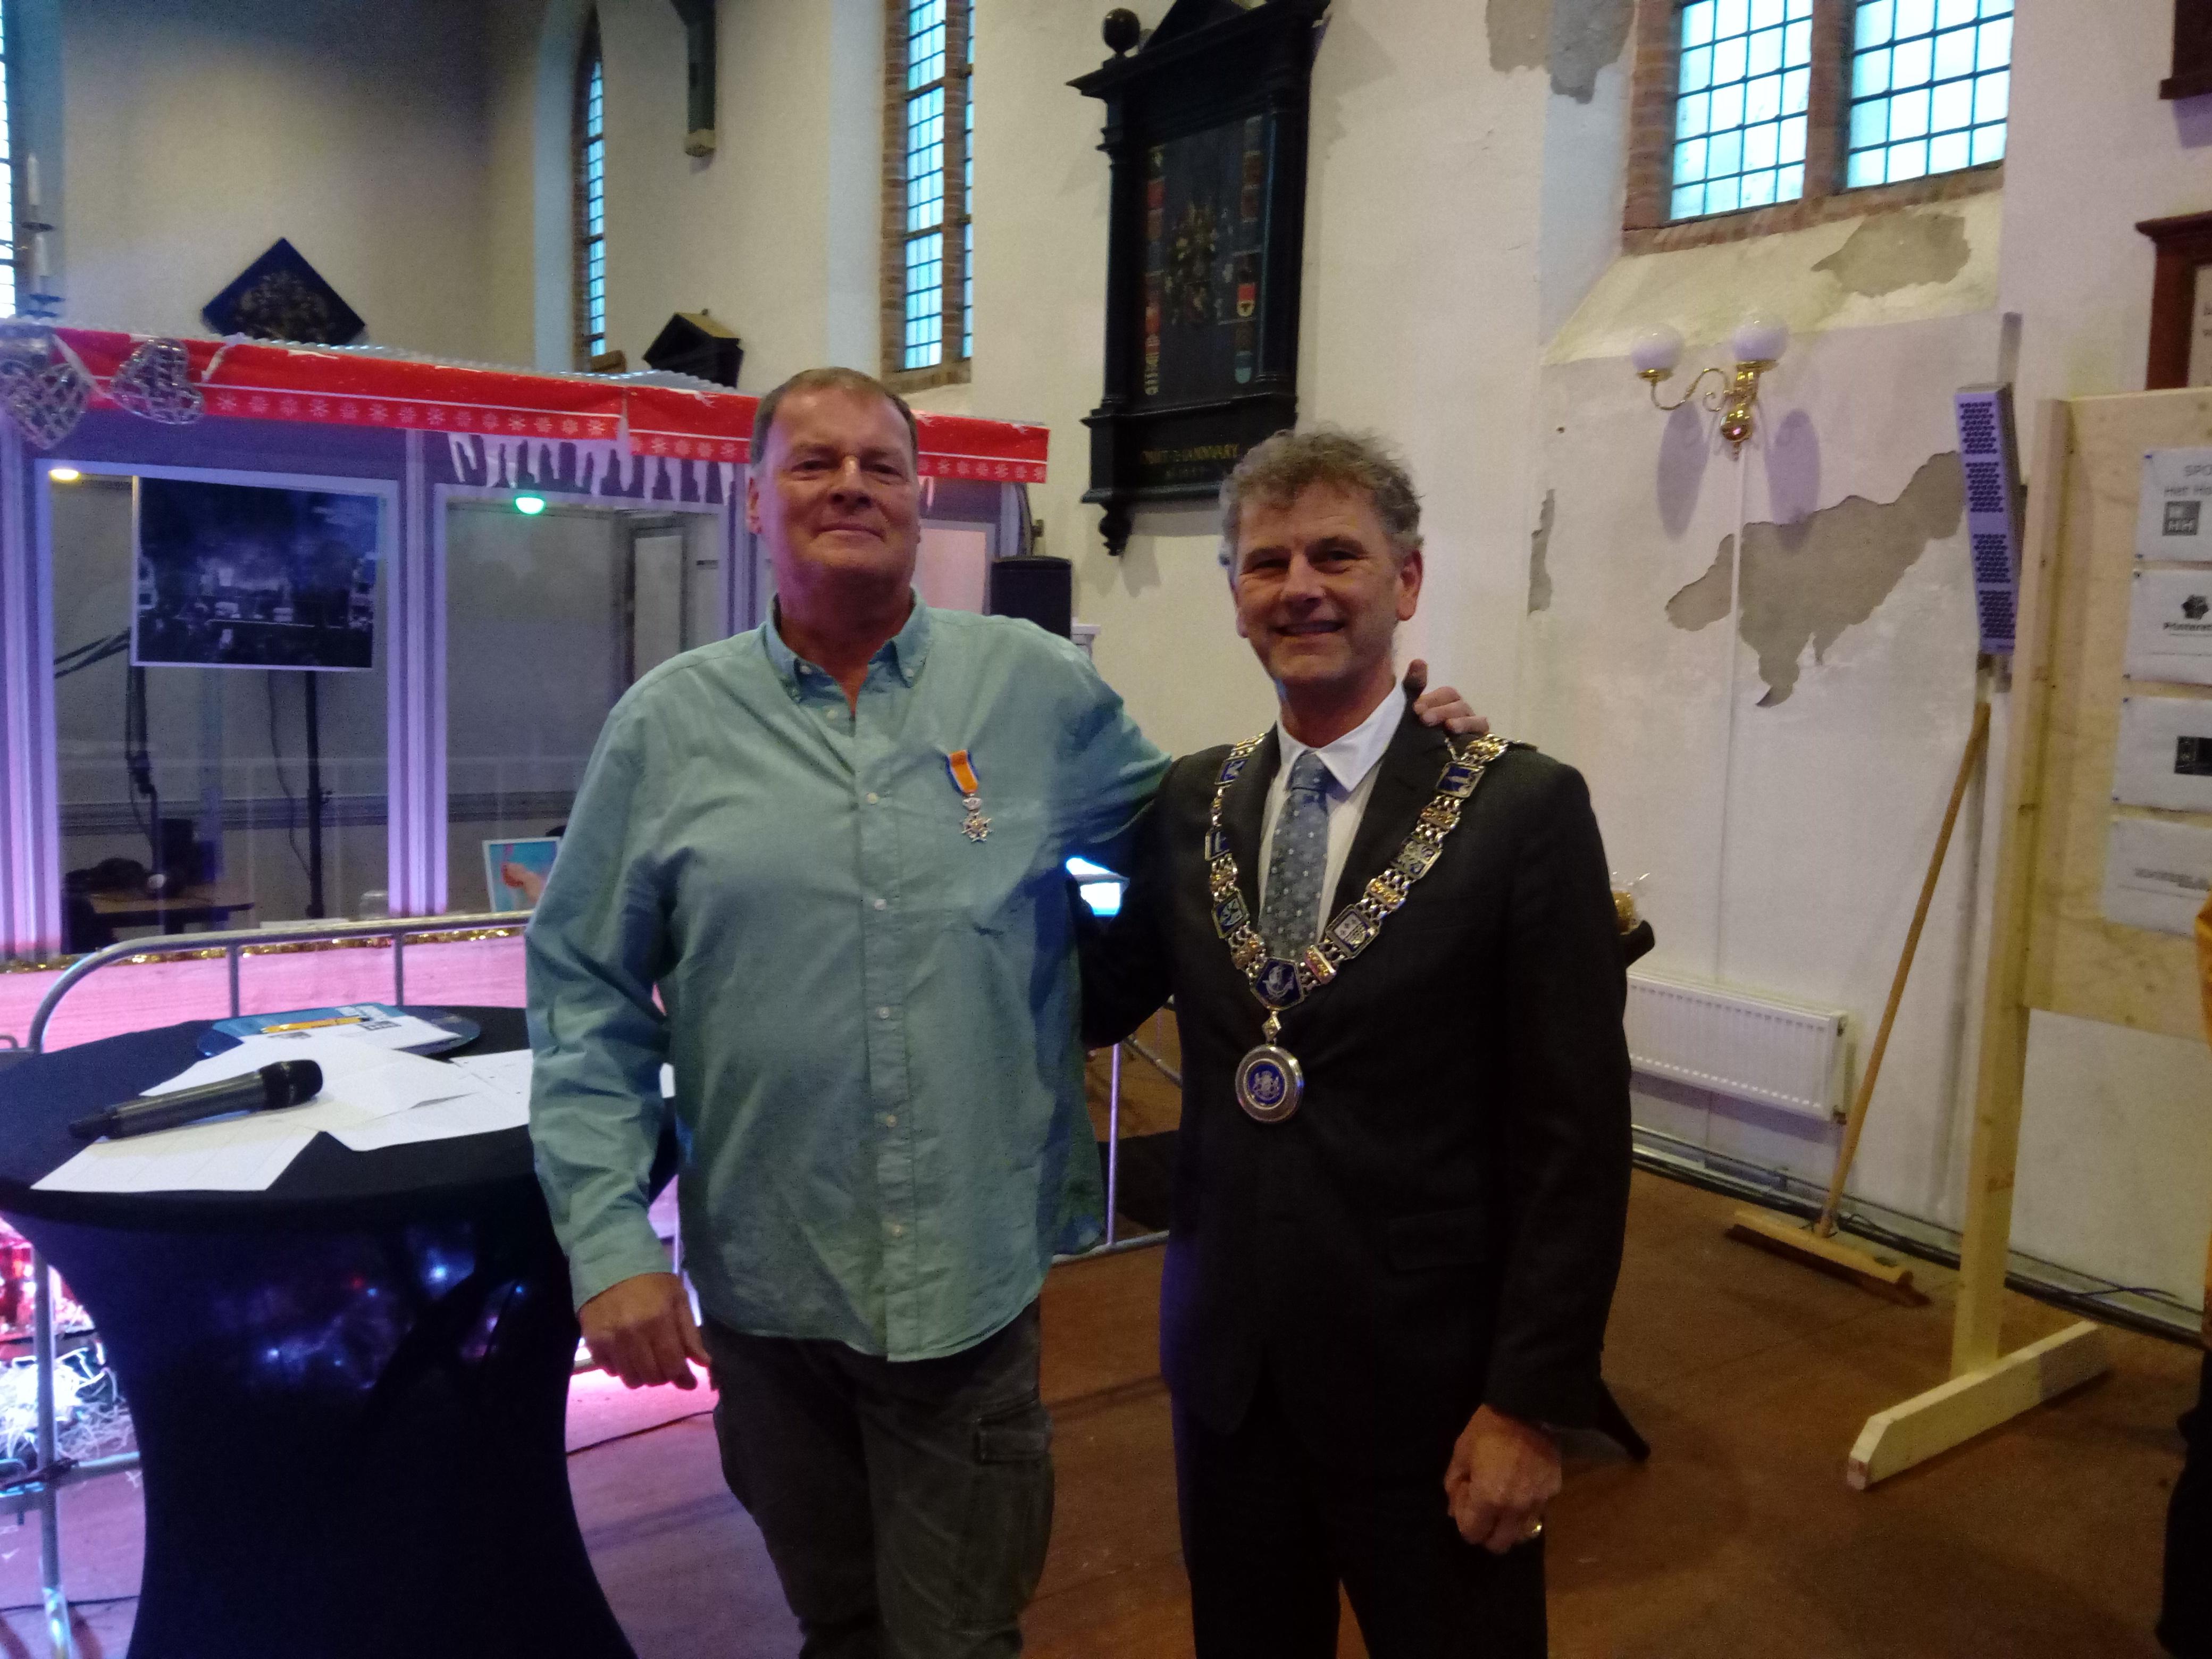 Burgemeester Martijn Smit reikte vorige week woensdagmiddag de Koninklijke onderscheiding aan Ab Jenema uit. (Foto: Bos Media Services) rodi.nl © rodi